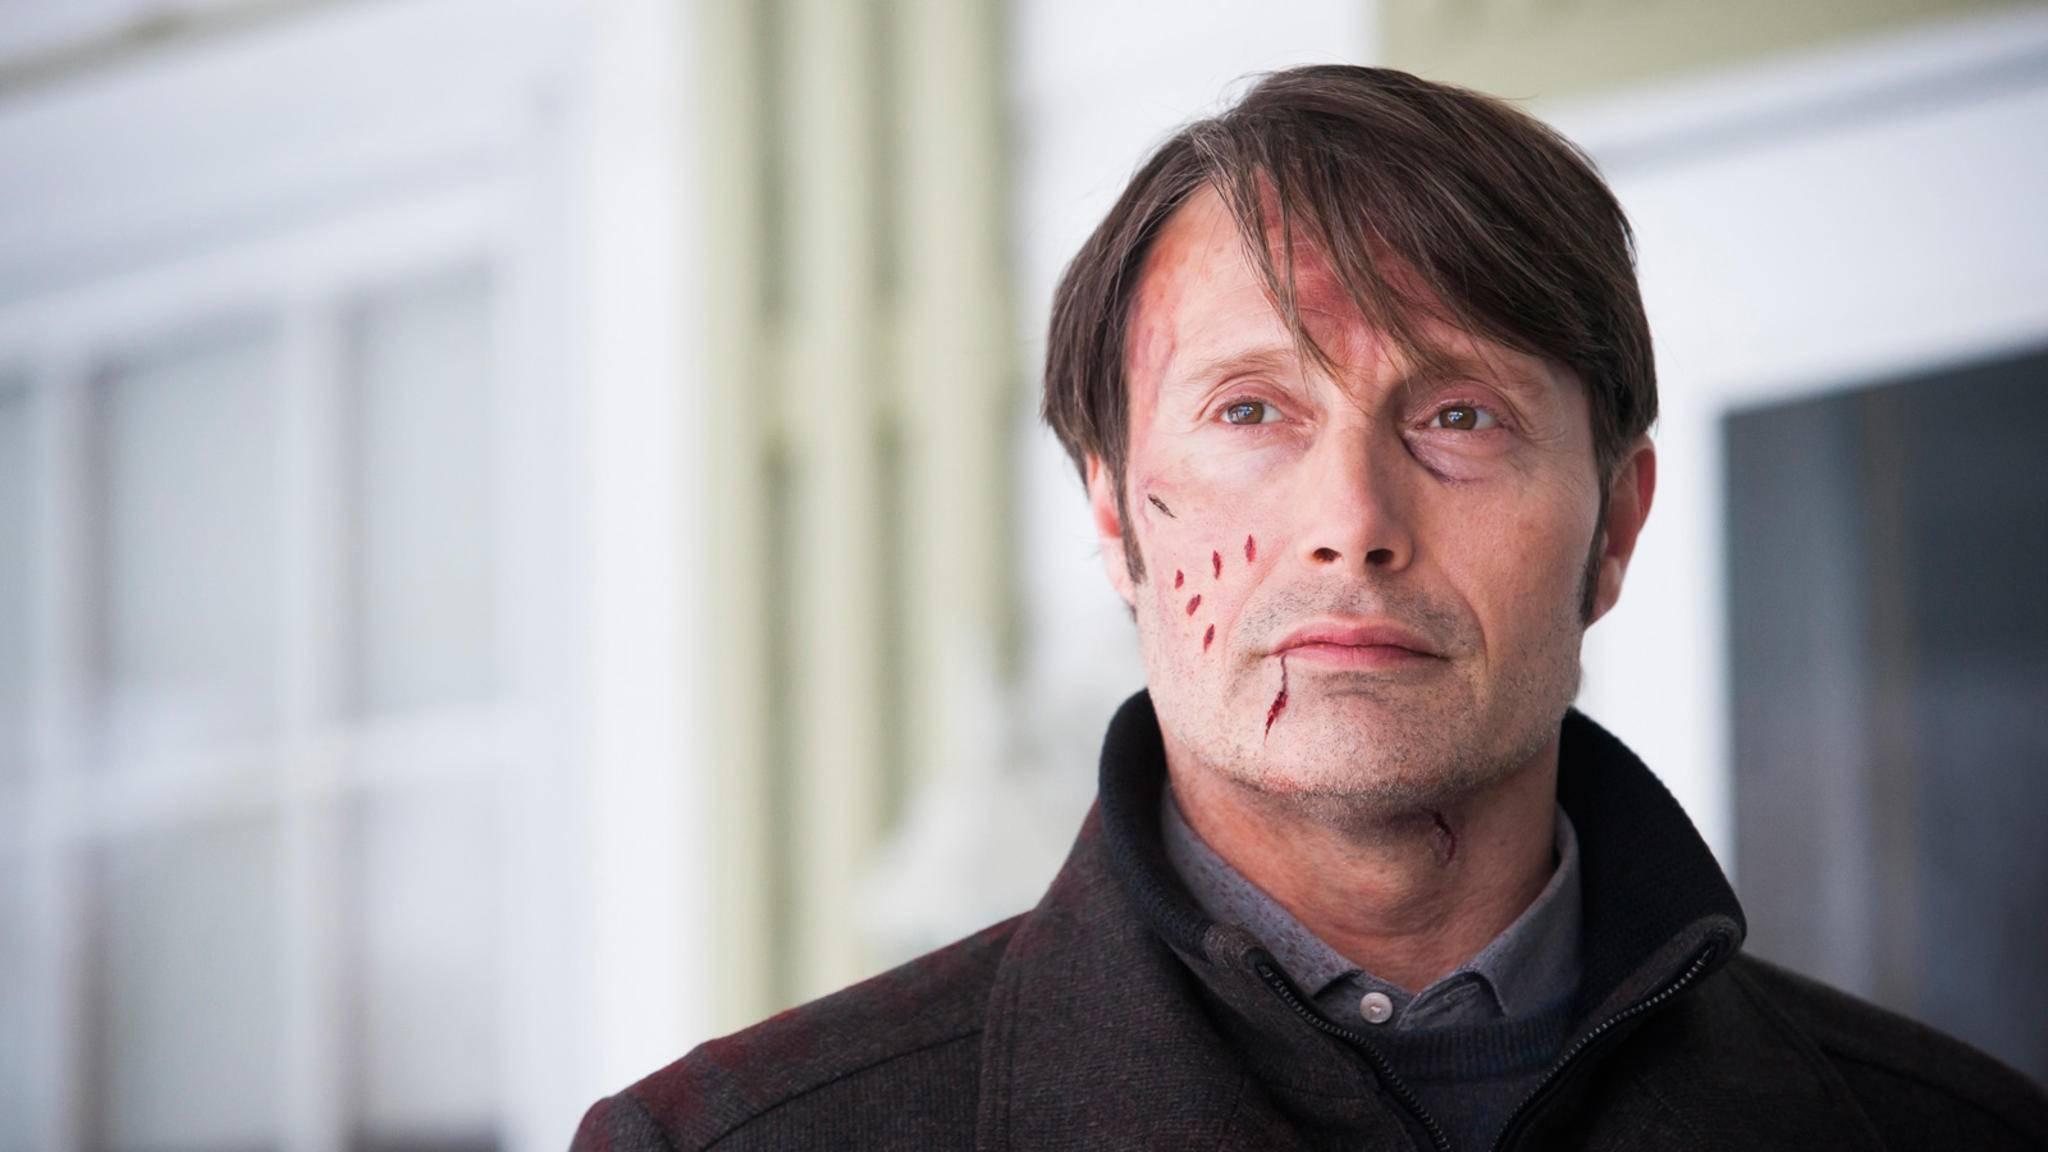 Dr. Hannibal Lecter hatte nicht nur auf seine (Serien-) Umgebung eine unheimliche Anziehungskraft.